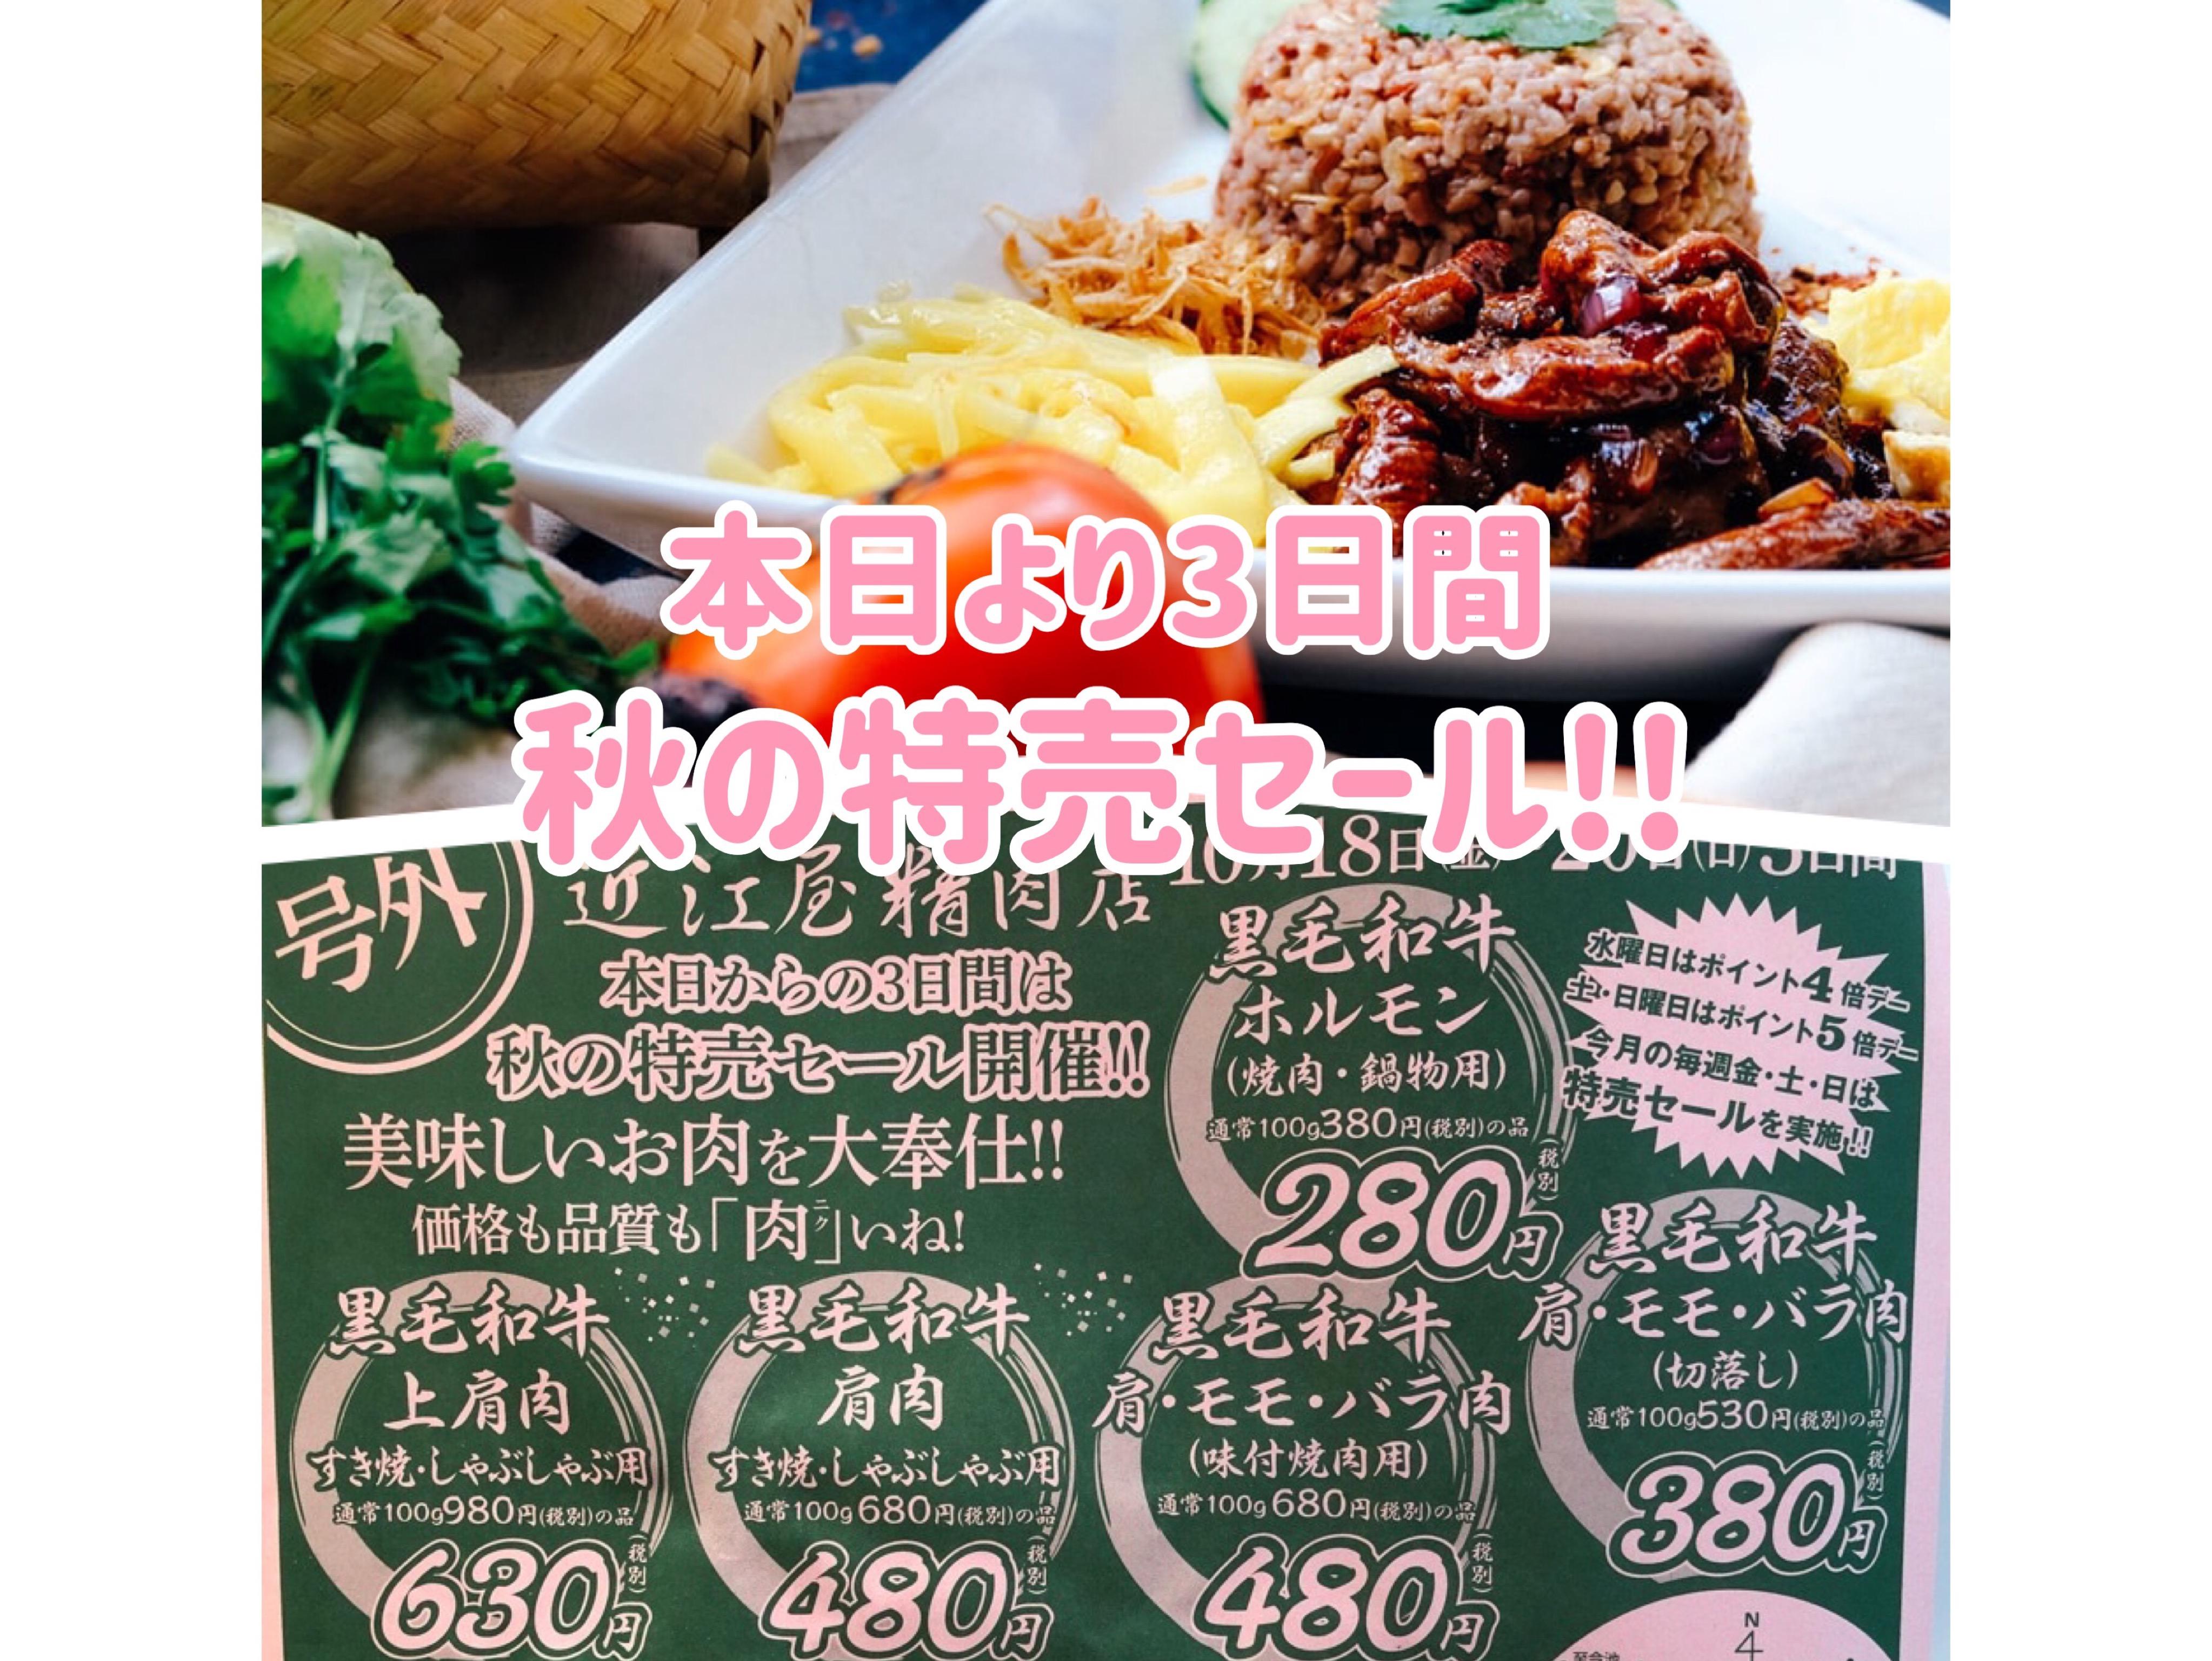 近江屋精肉店秋の特売セール